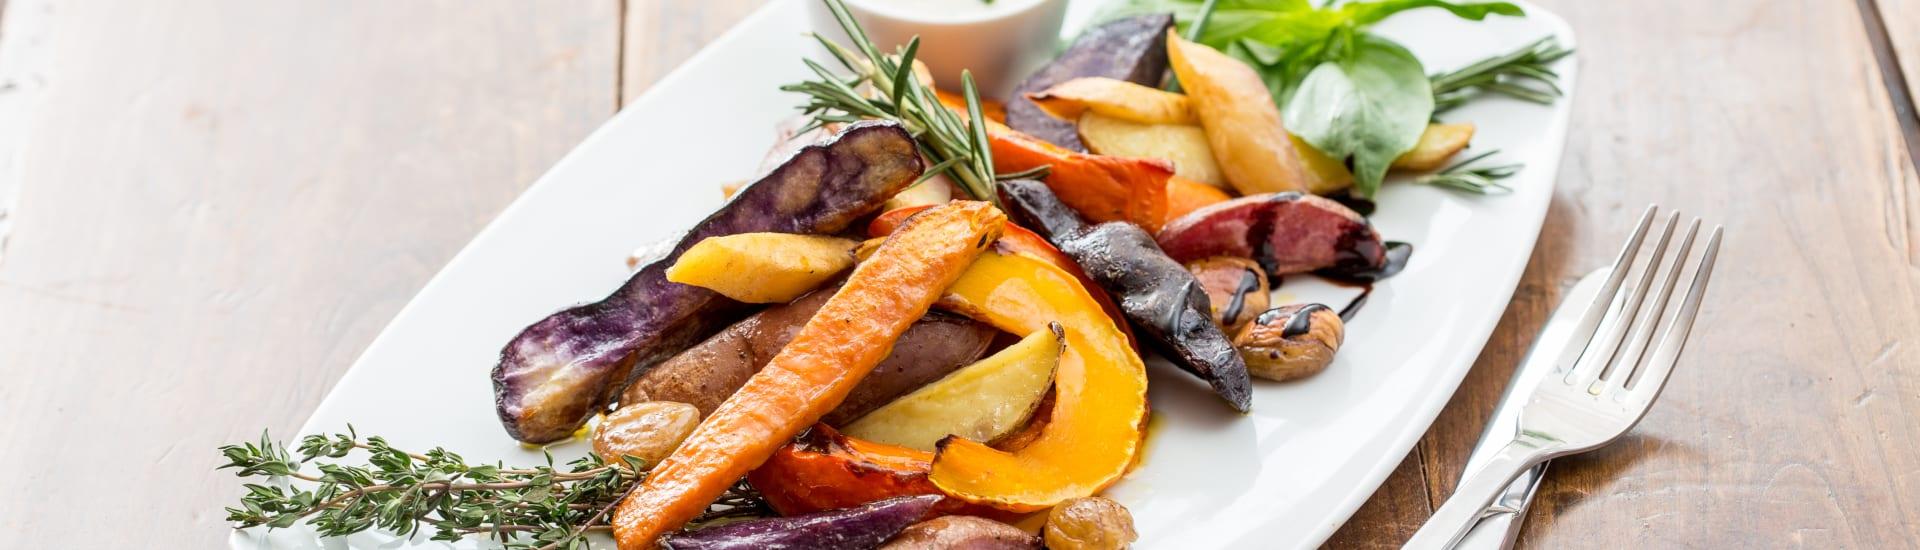 Unsere veganen Speisen: das Arche-Gericht